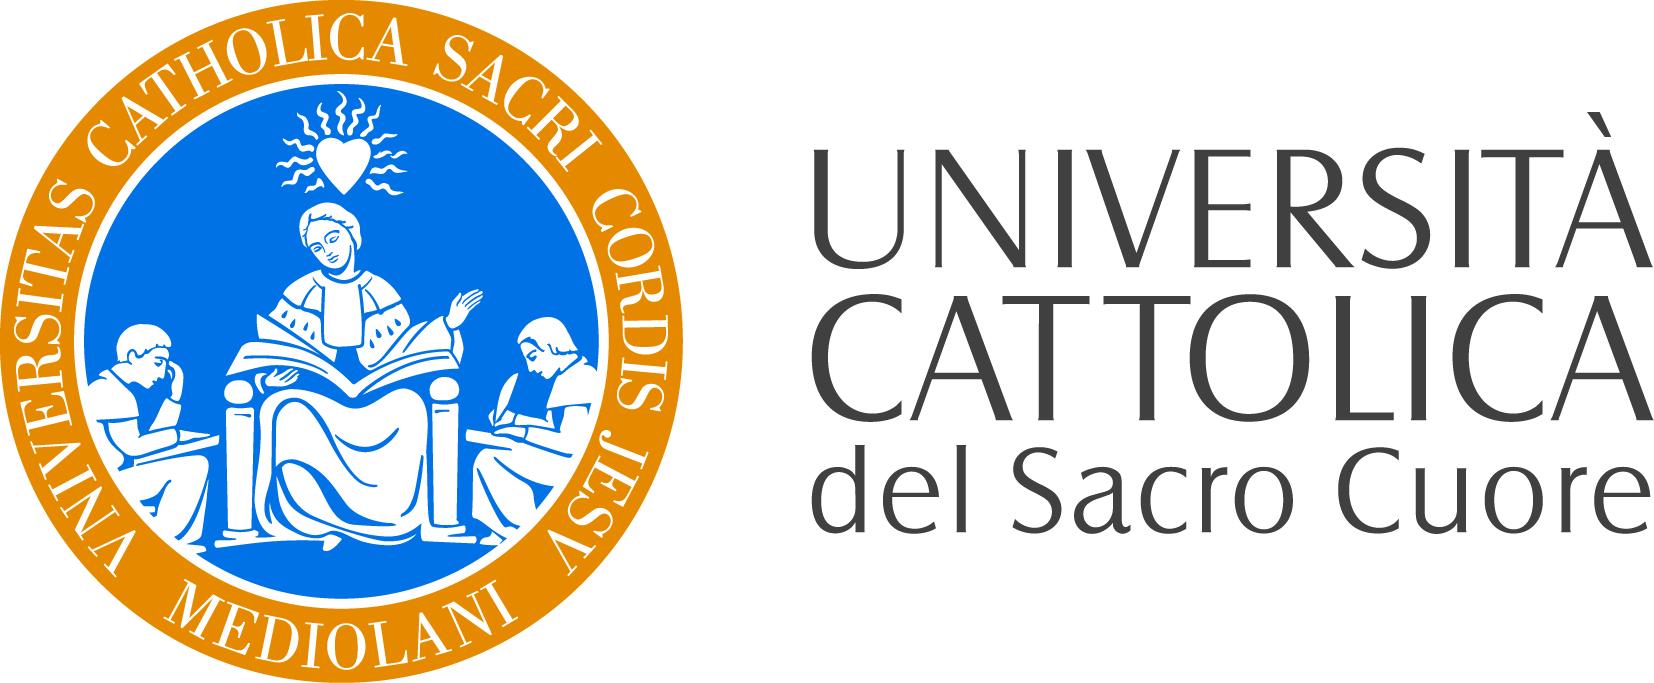 Universita-Cattolica-del-Sacre-Cuore